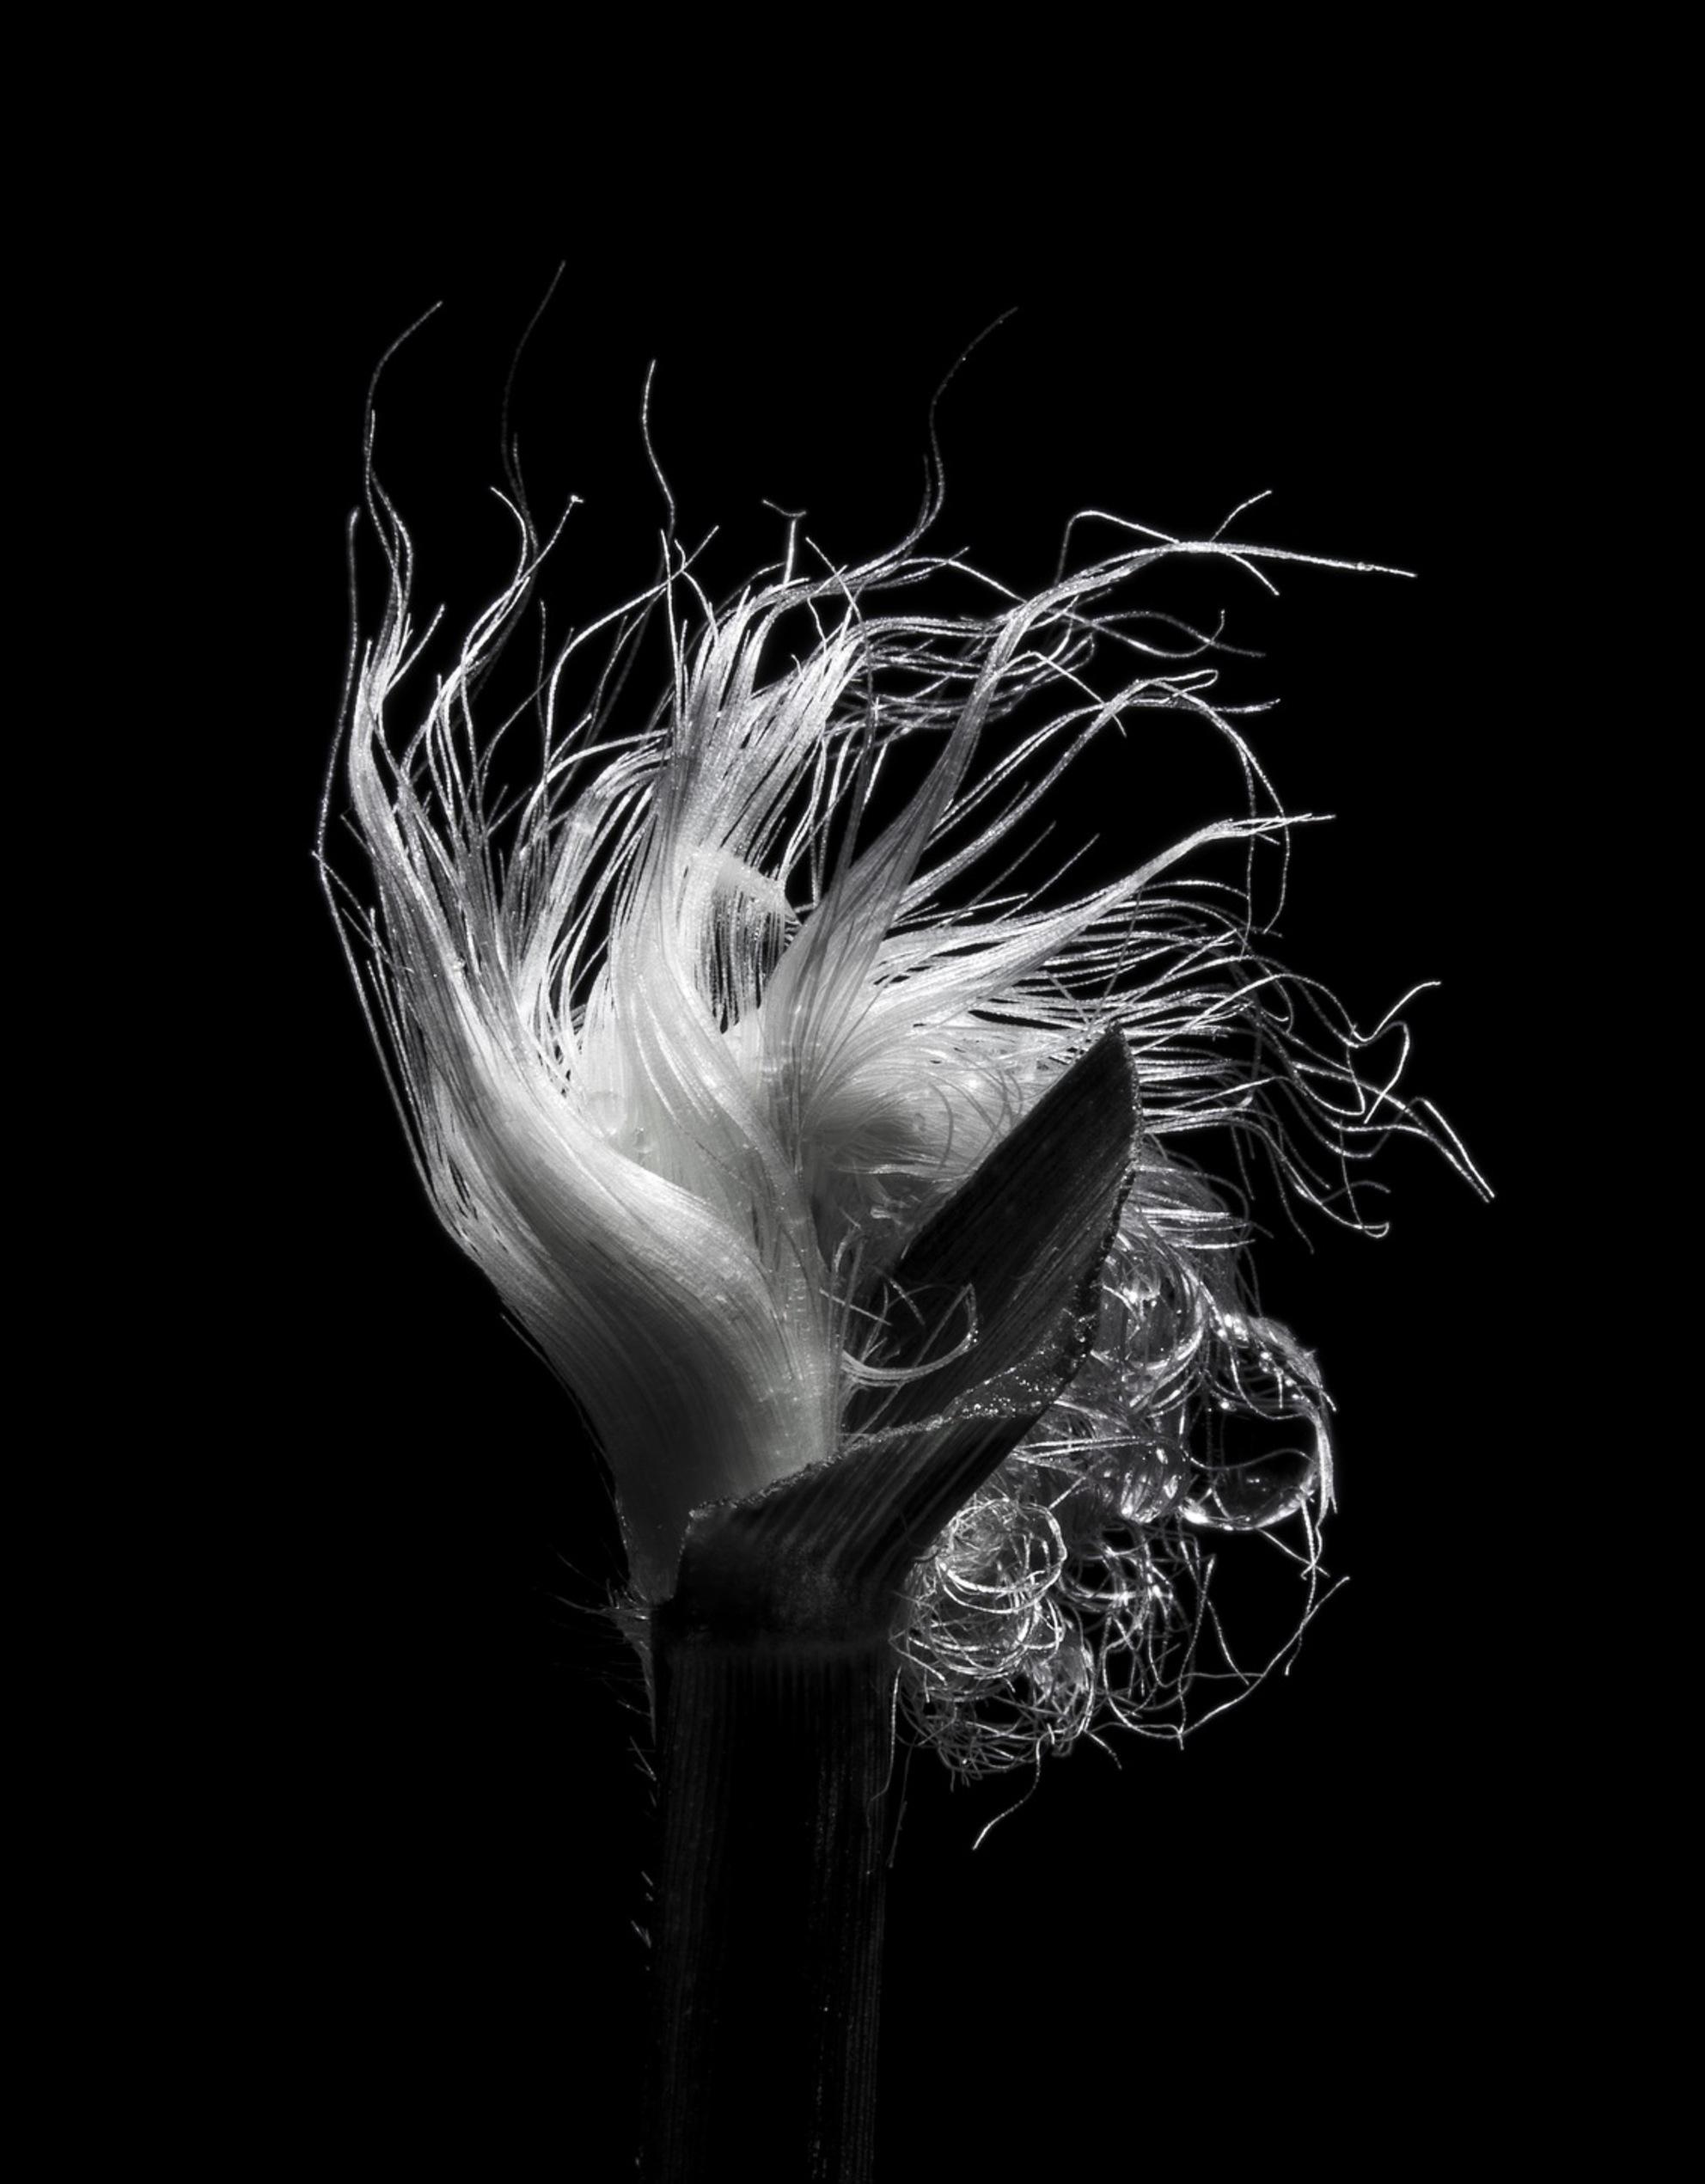 Pennisetum - Pennisetum - foto door emilewiersum op 29-12-2017 - deze foto bevat: gras, macro, bloem, natuur, druppel, tuin, zwart, Pennisetum